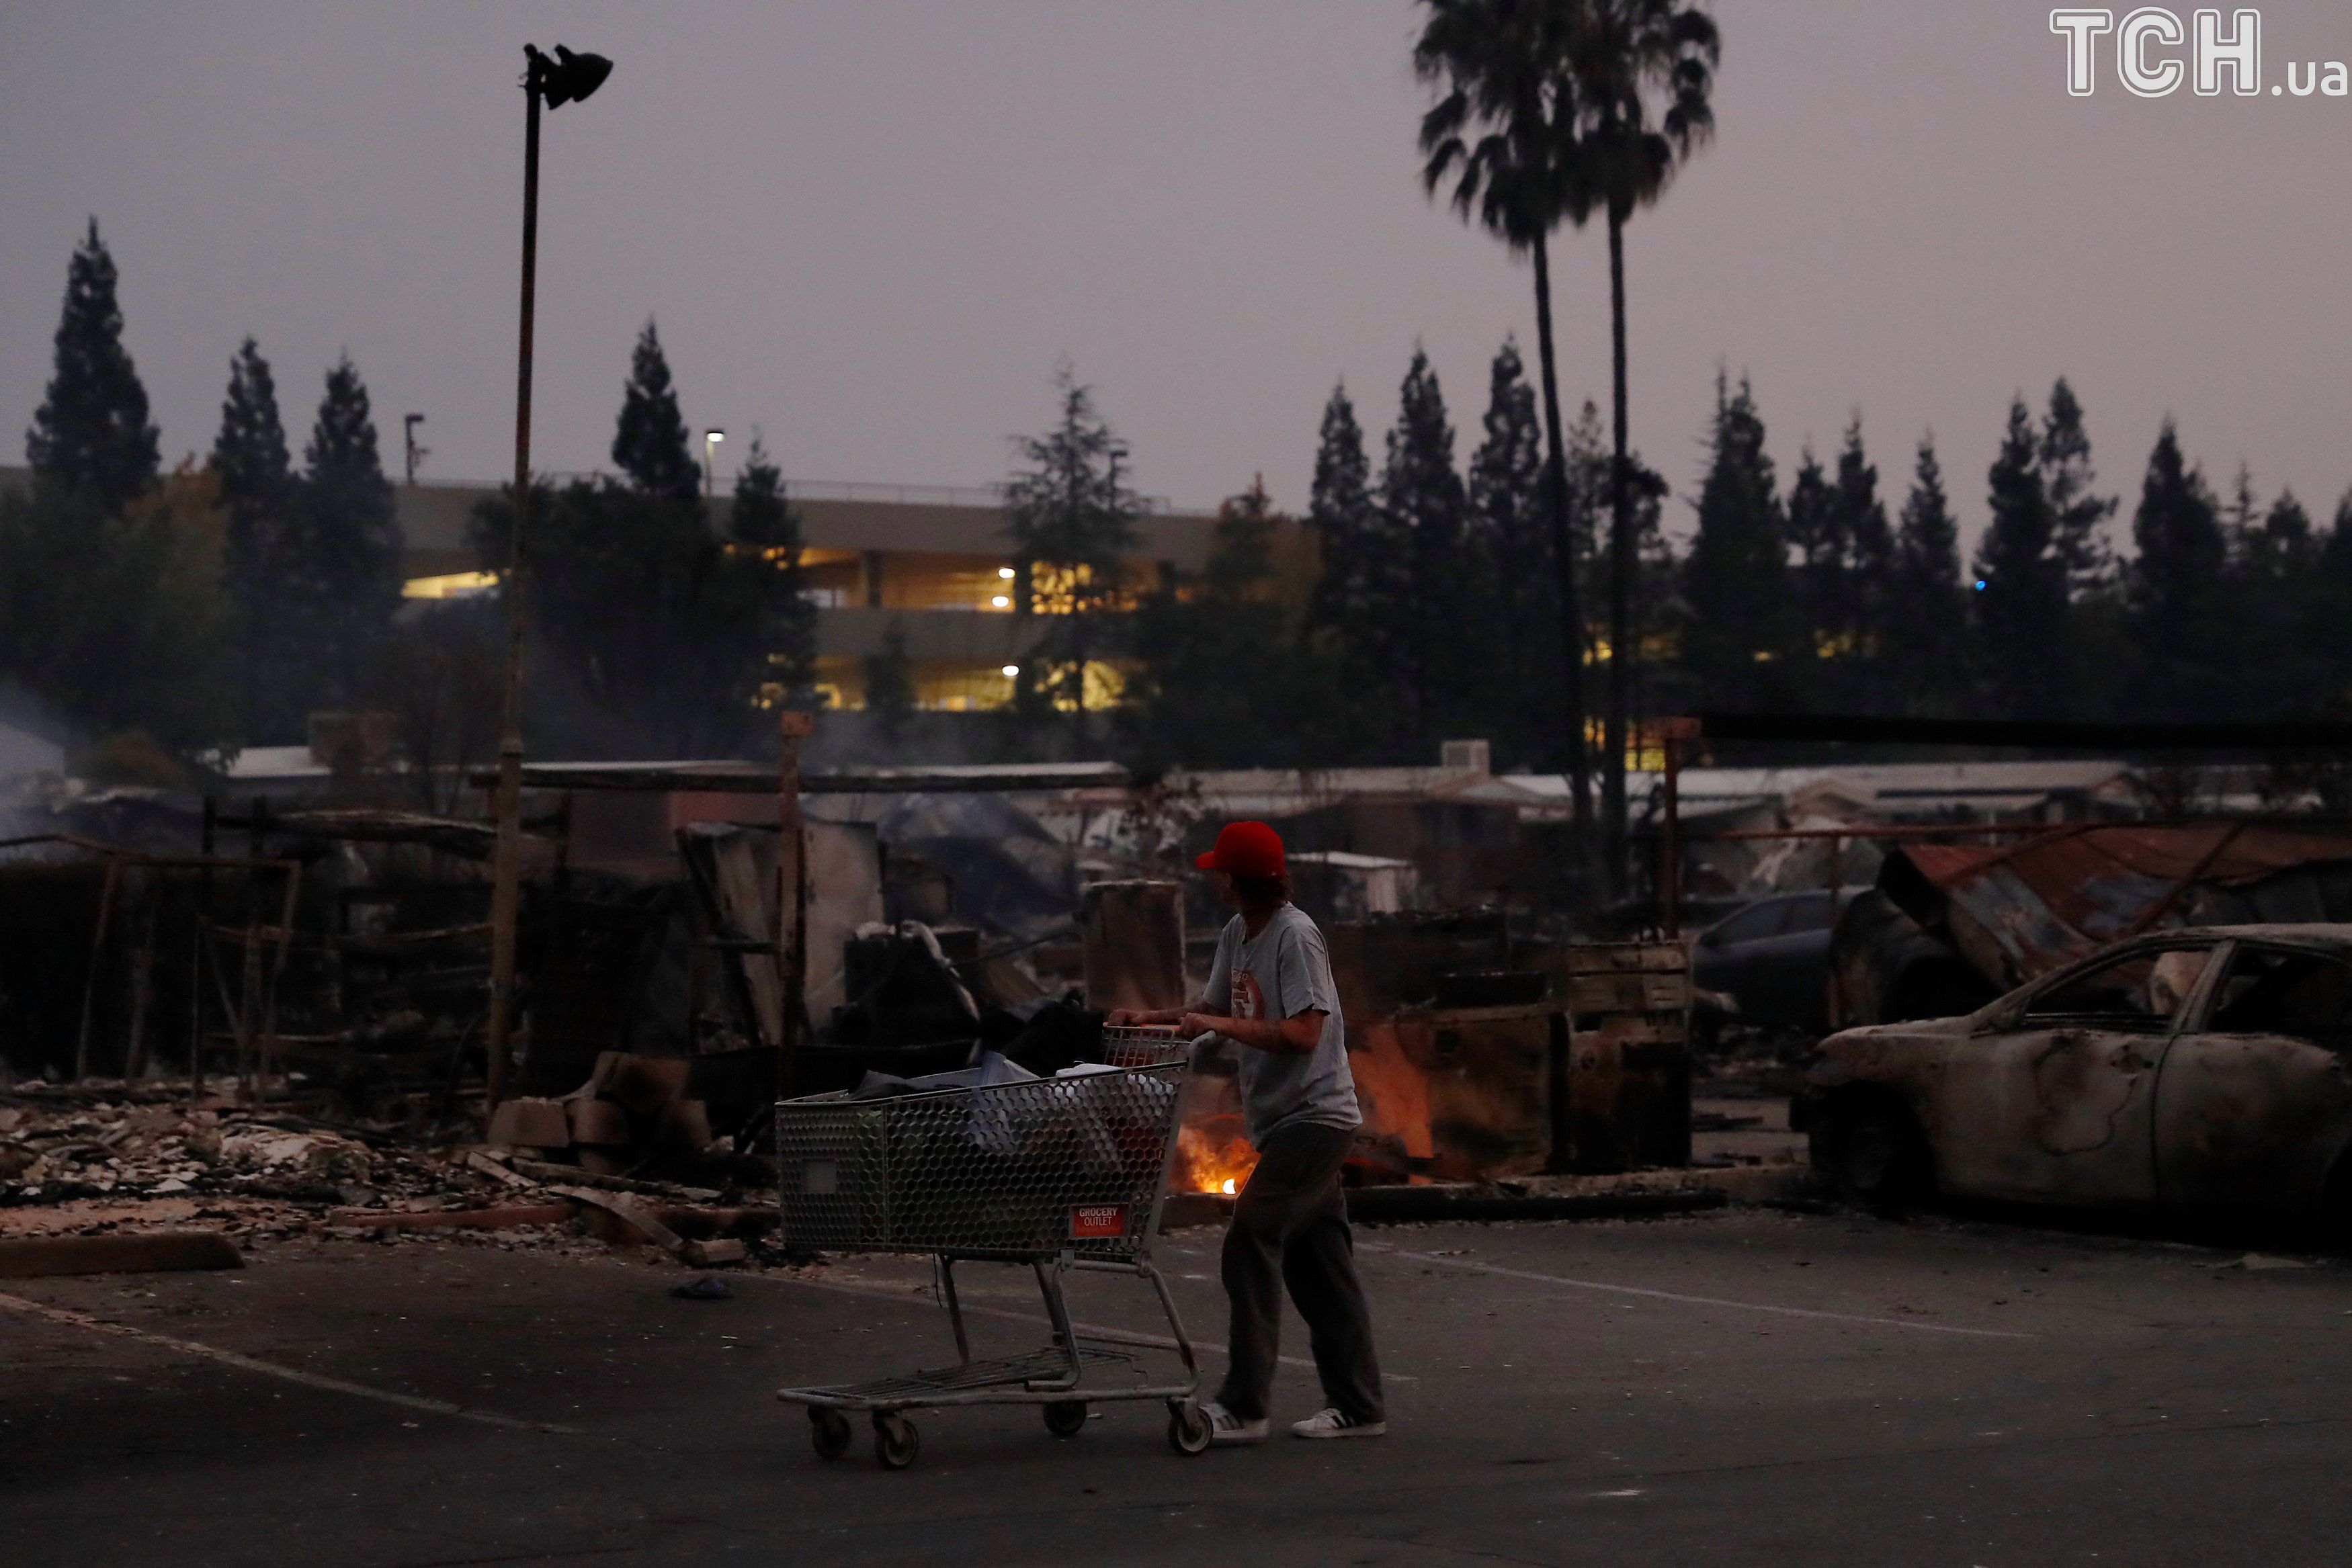 Пожежа у Каліфорнії, місто Санта-Роза